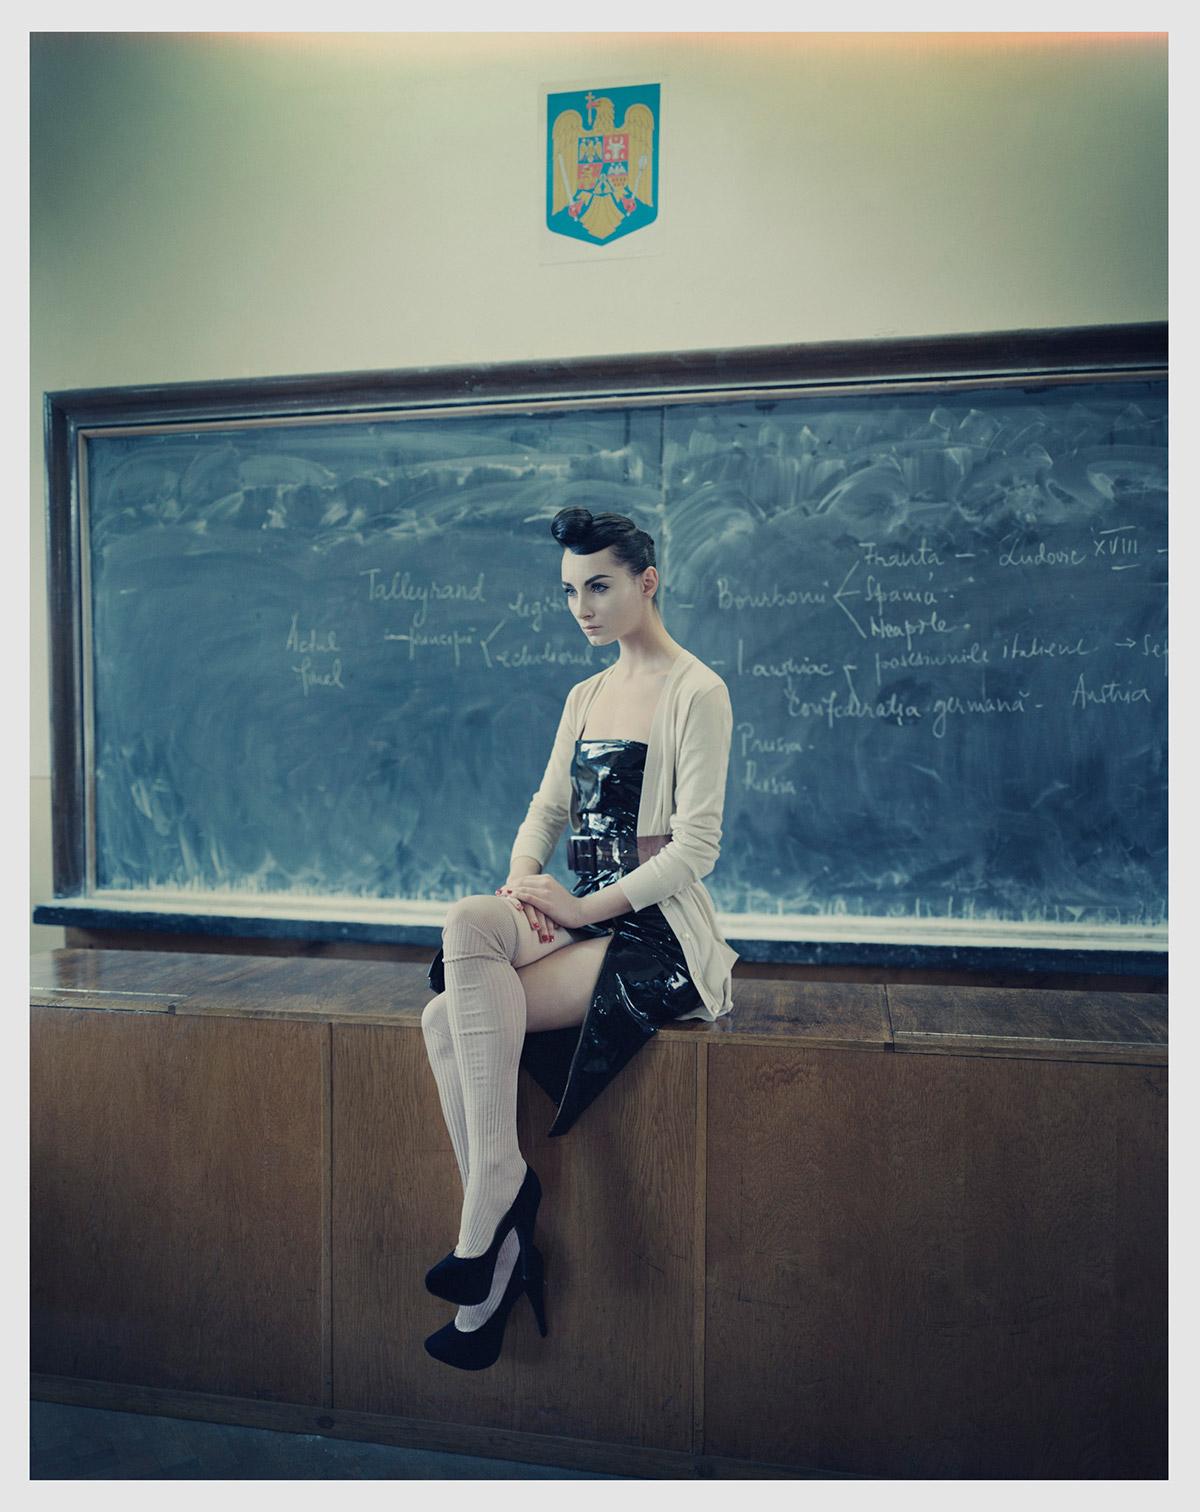 001_1_2_SCHOOL-ELLEv3.jpg